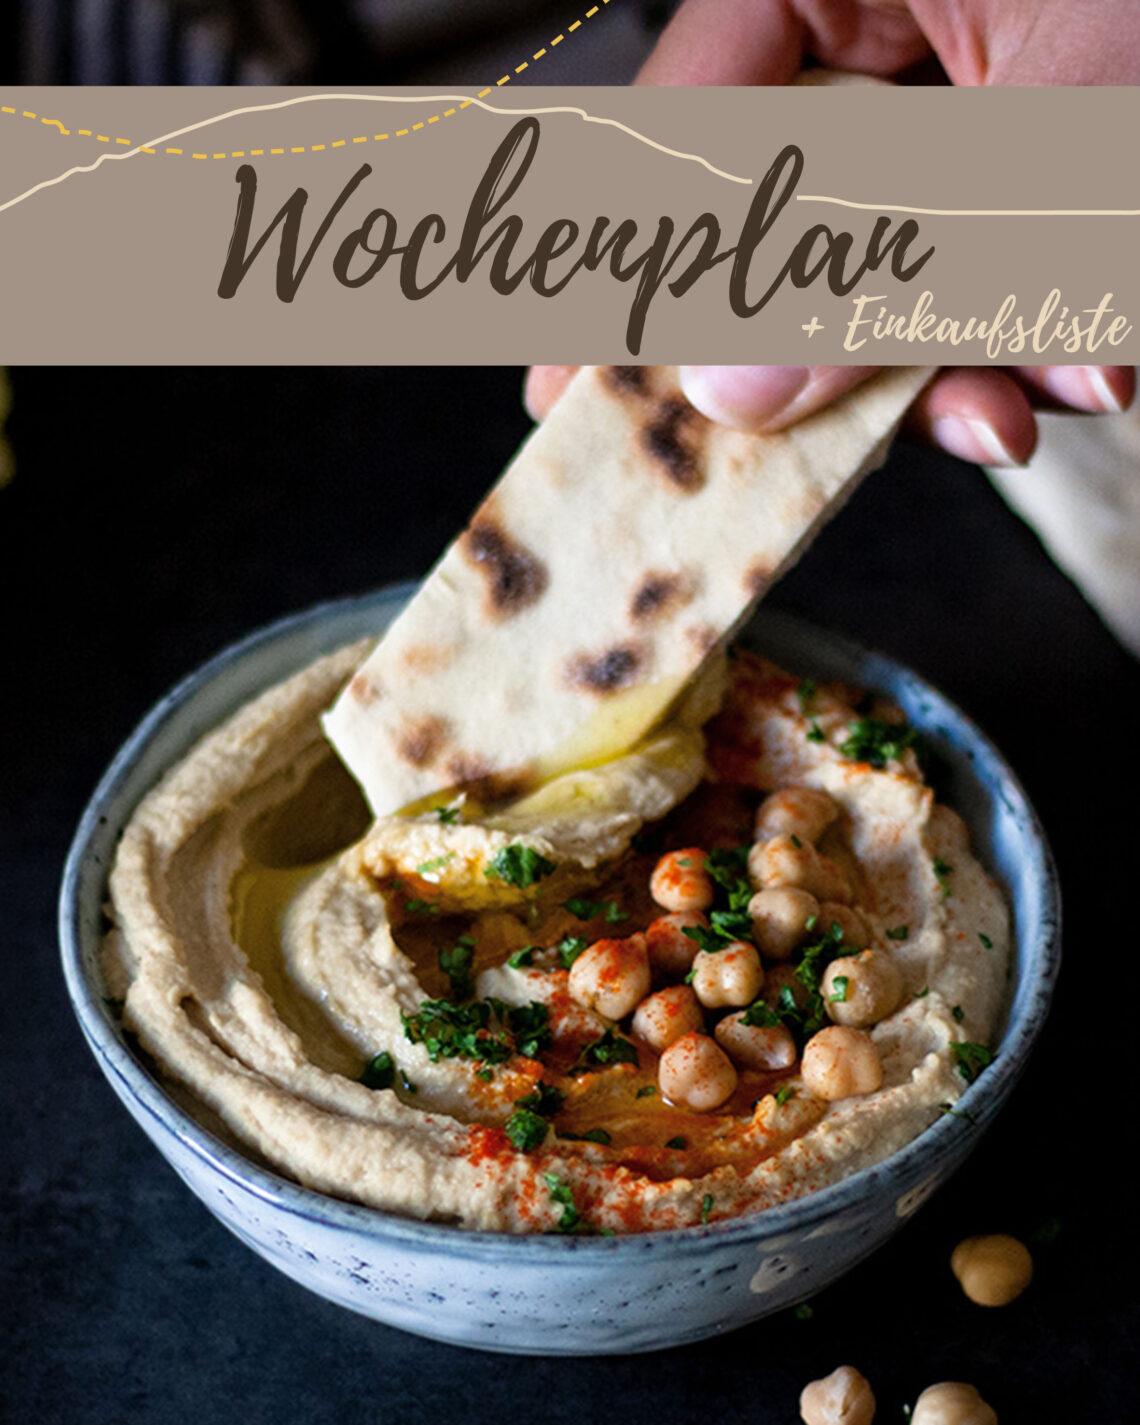 Wochenplan KW 44 | 6 einfache Rezepte für deinen Feierabend